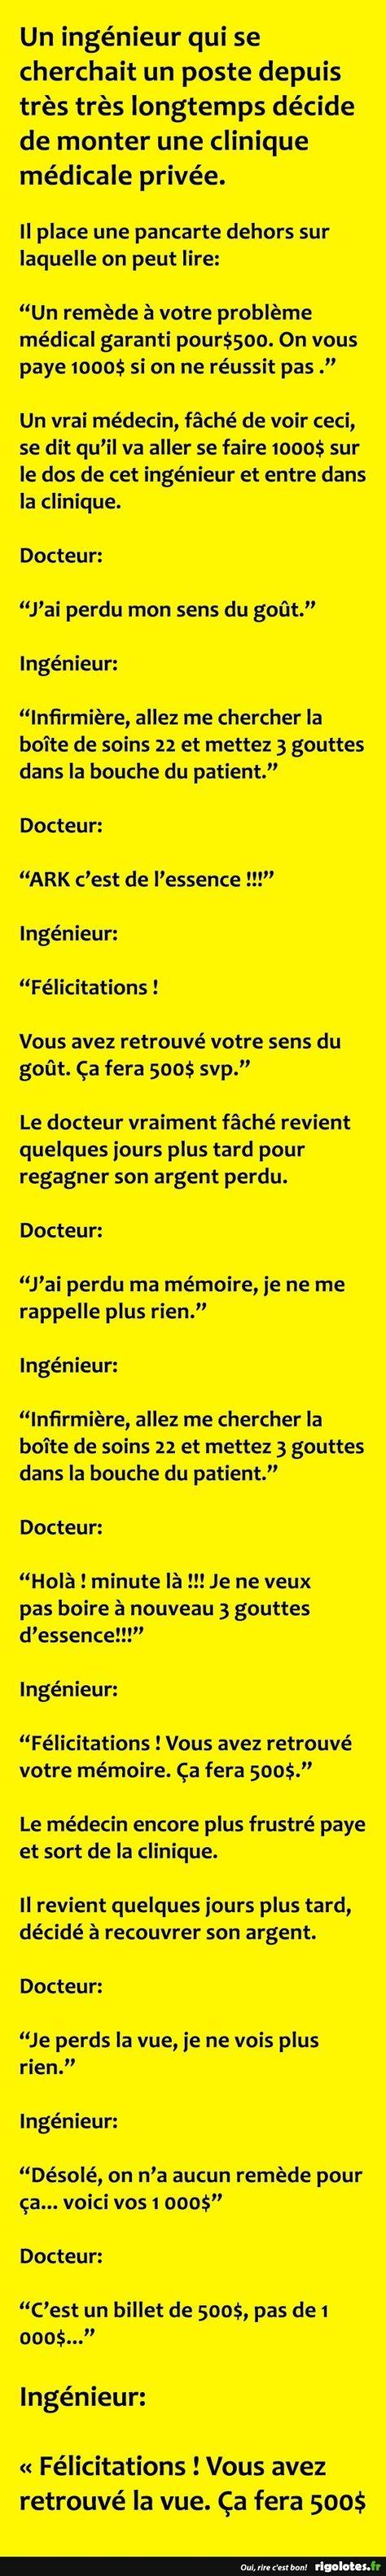 Exemple De Phrase Mache Mot : exemple, phrase, mache, Idées, Histoires, Drôles, Drôle,, Humour, Drole,, Blague